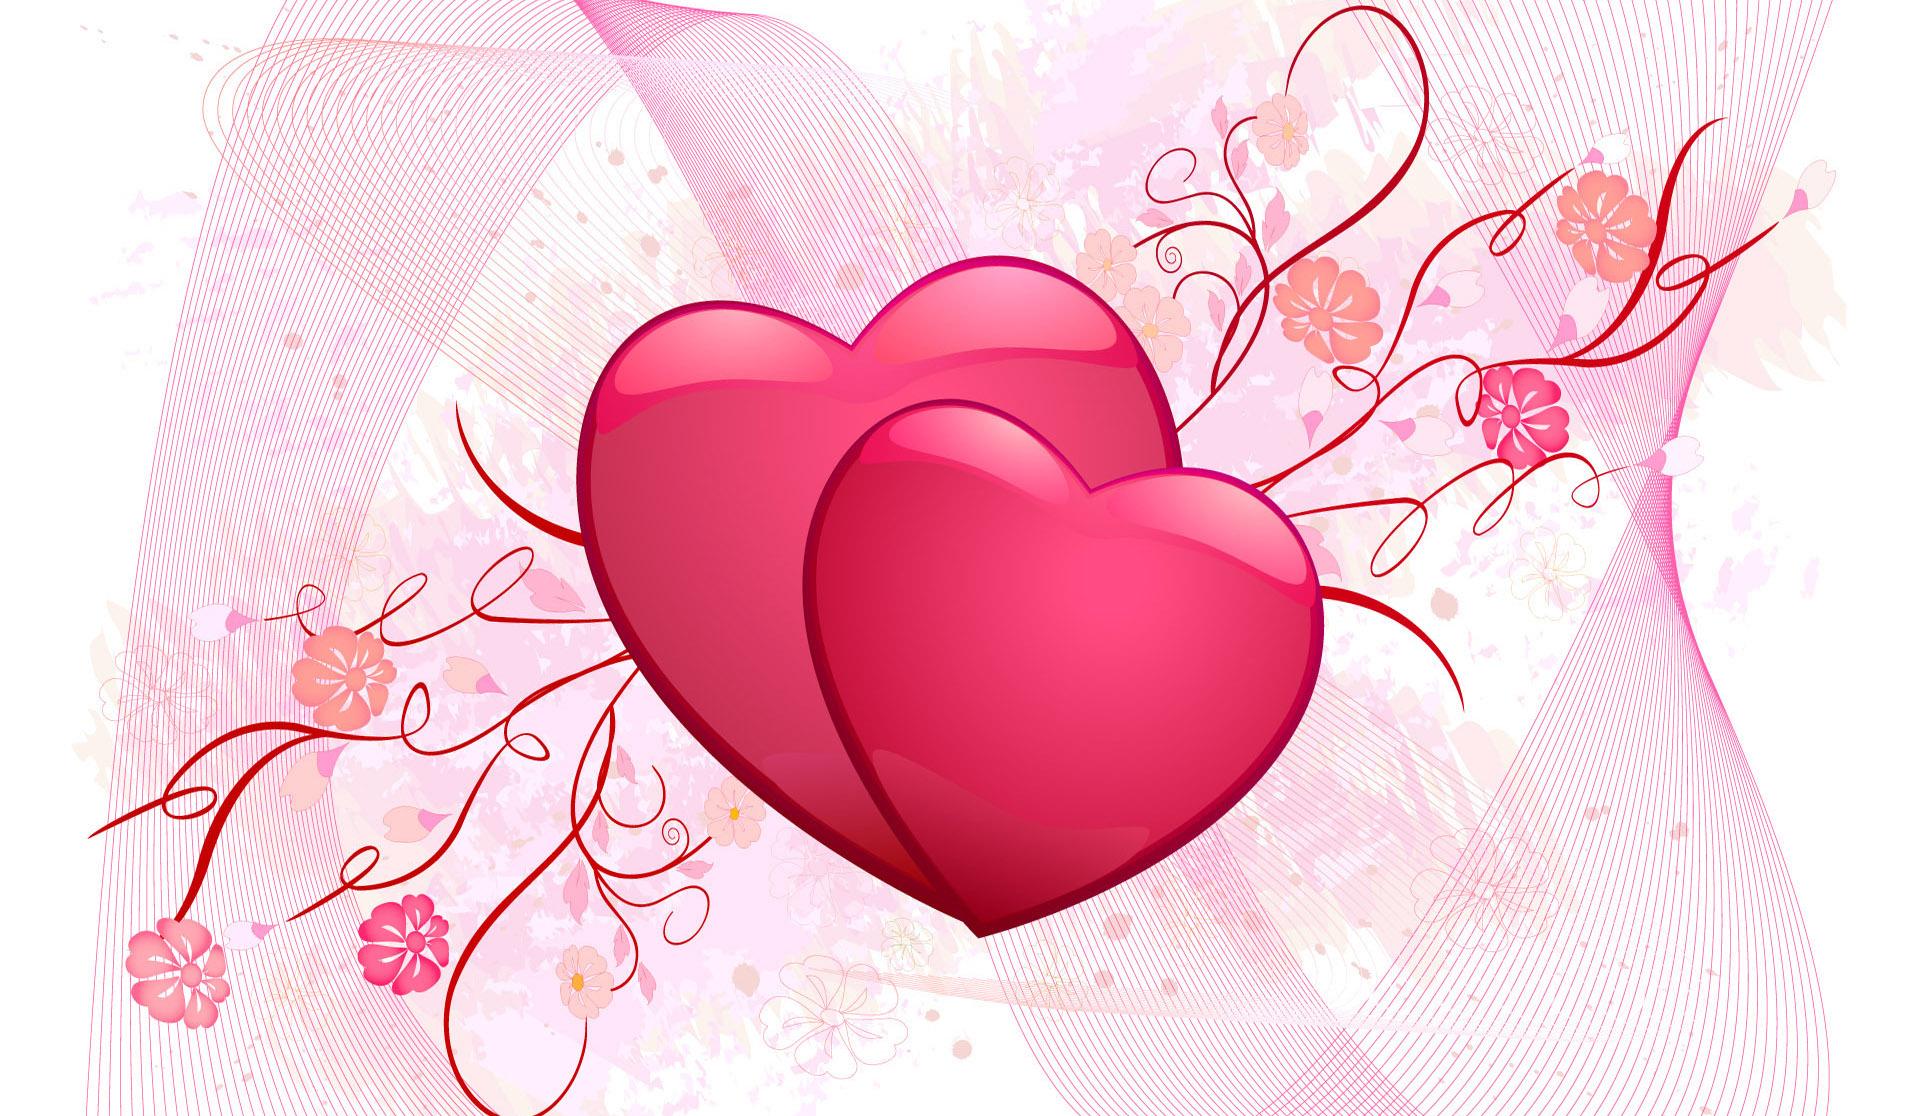 デスクトップ壁紙 愛 ハート バレンタイン デー ピンク